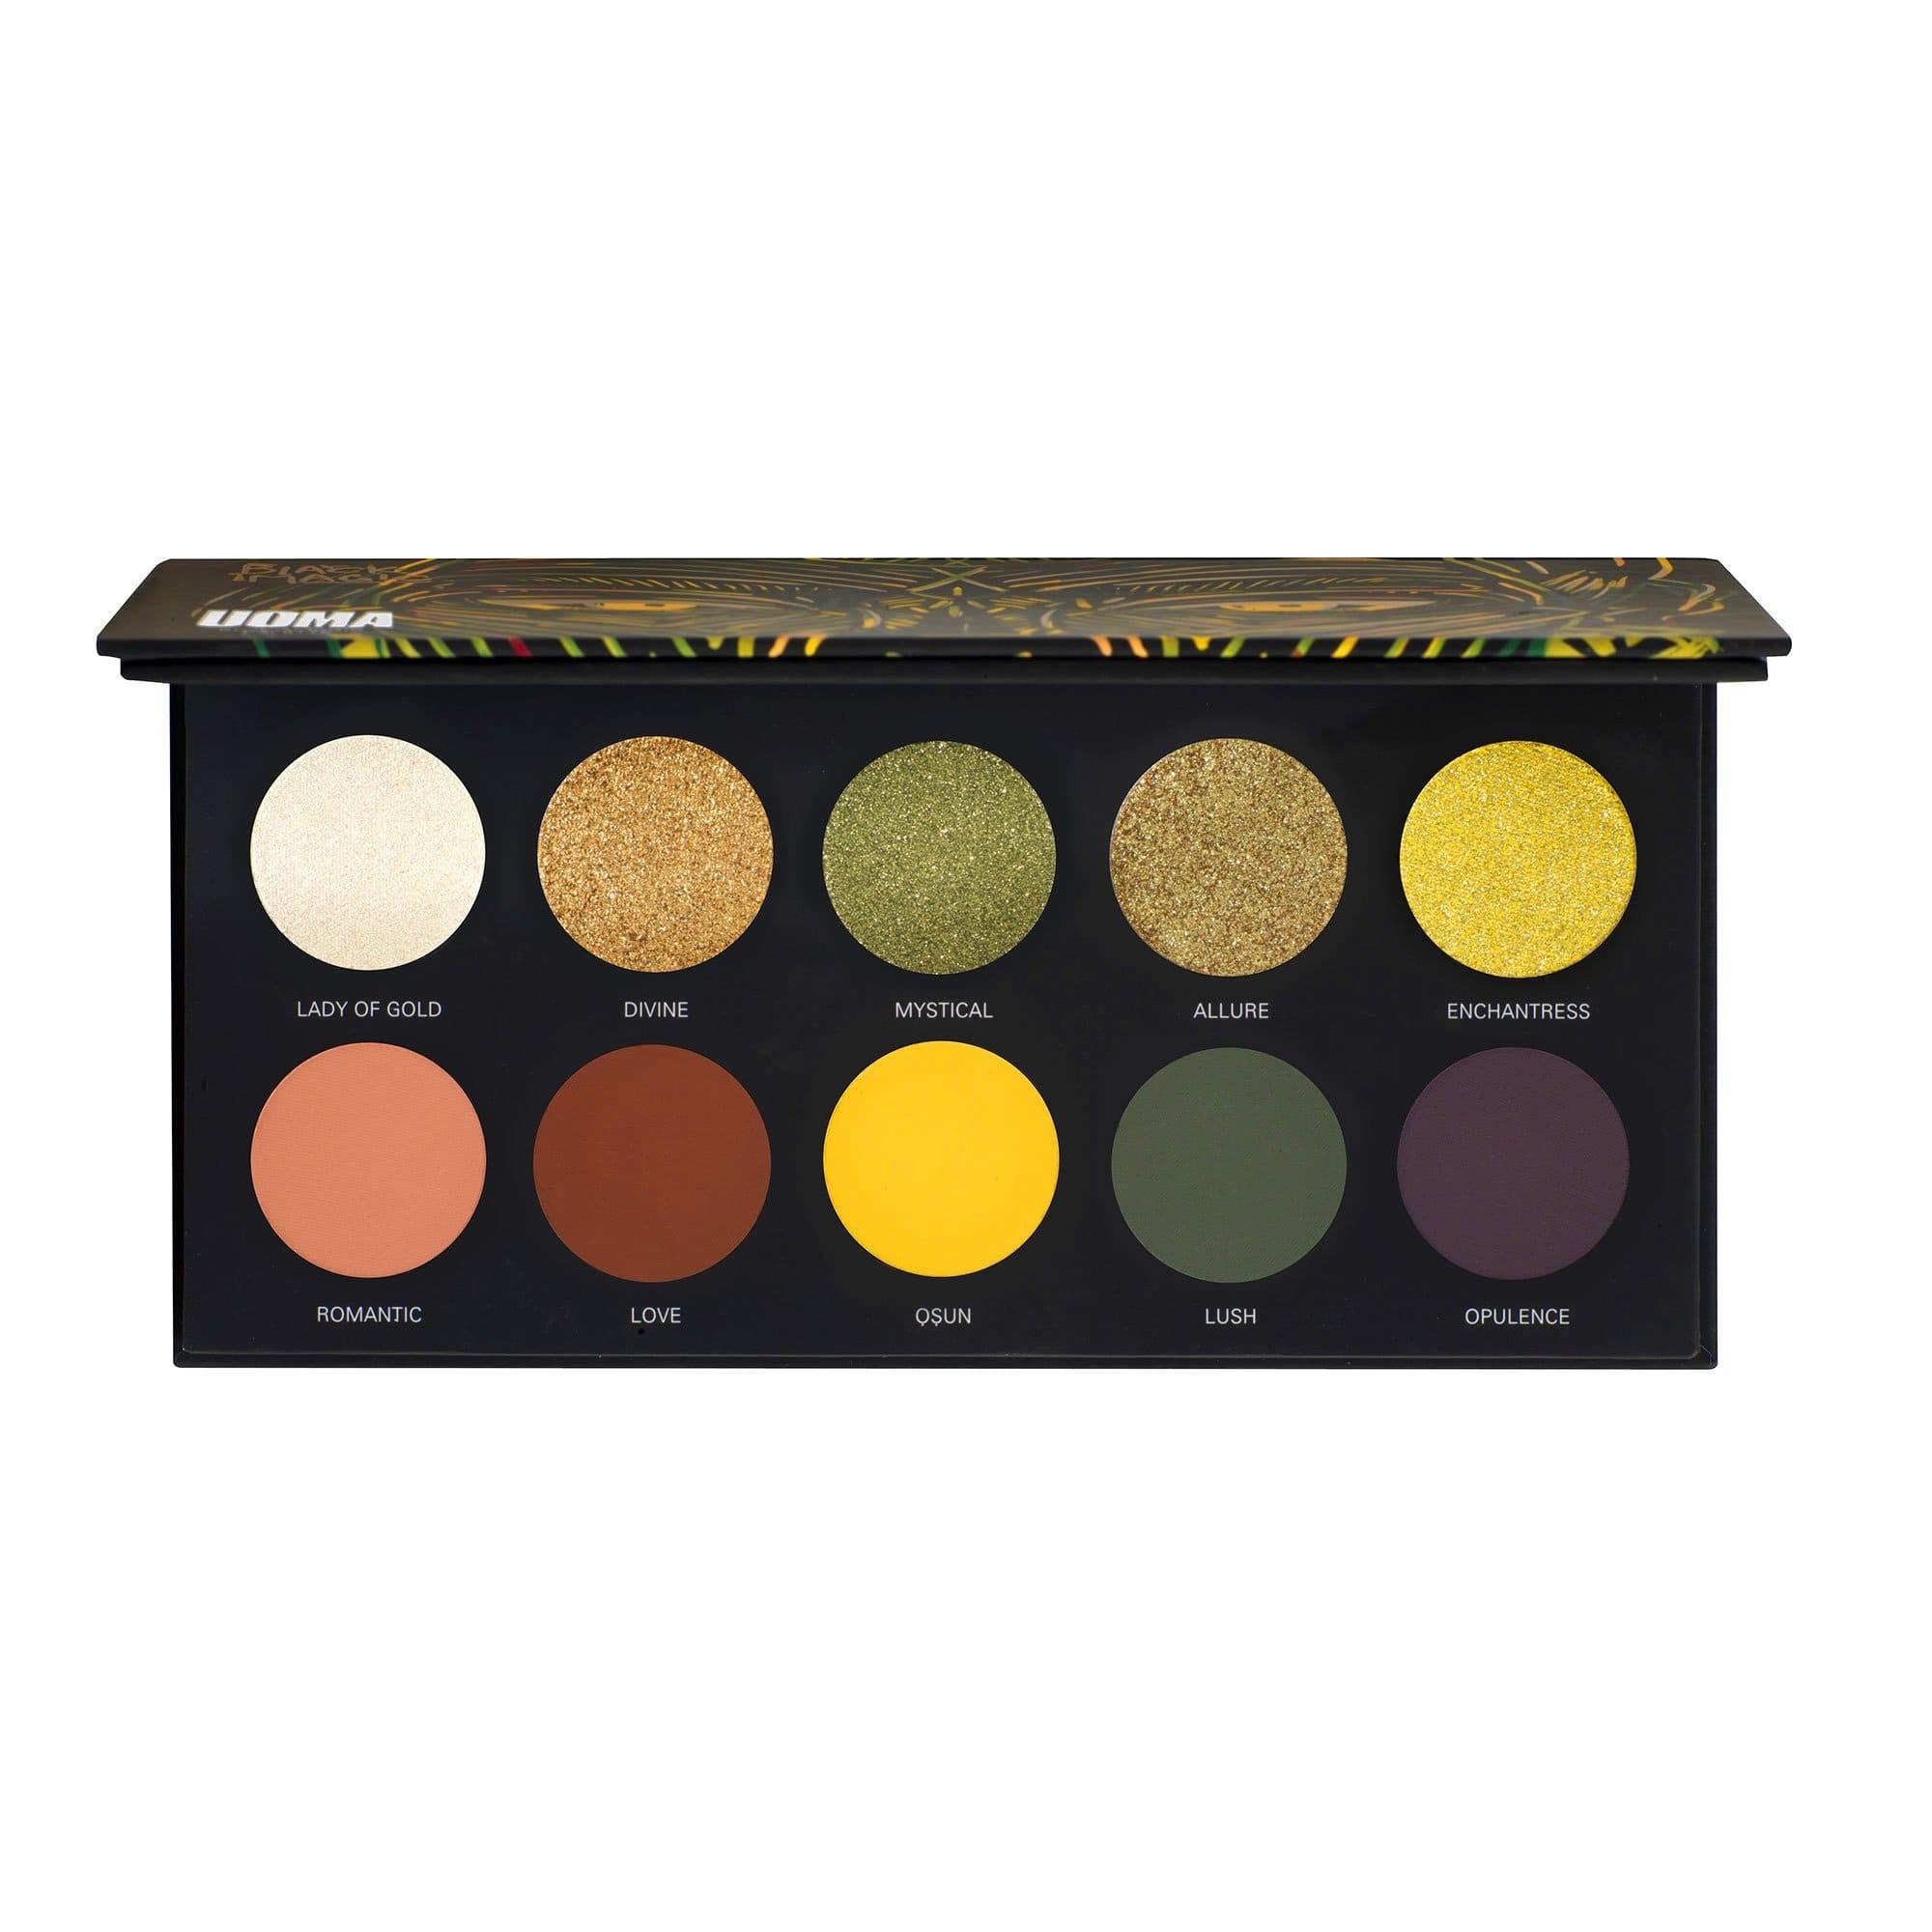 Uoma Beauty Black Magic Color Allure Palette